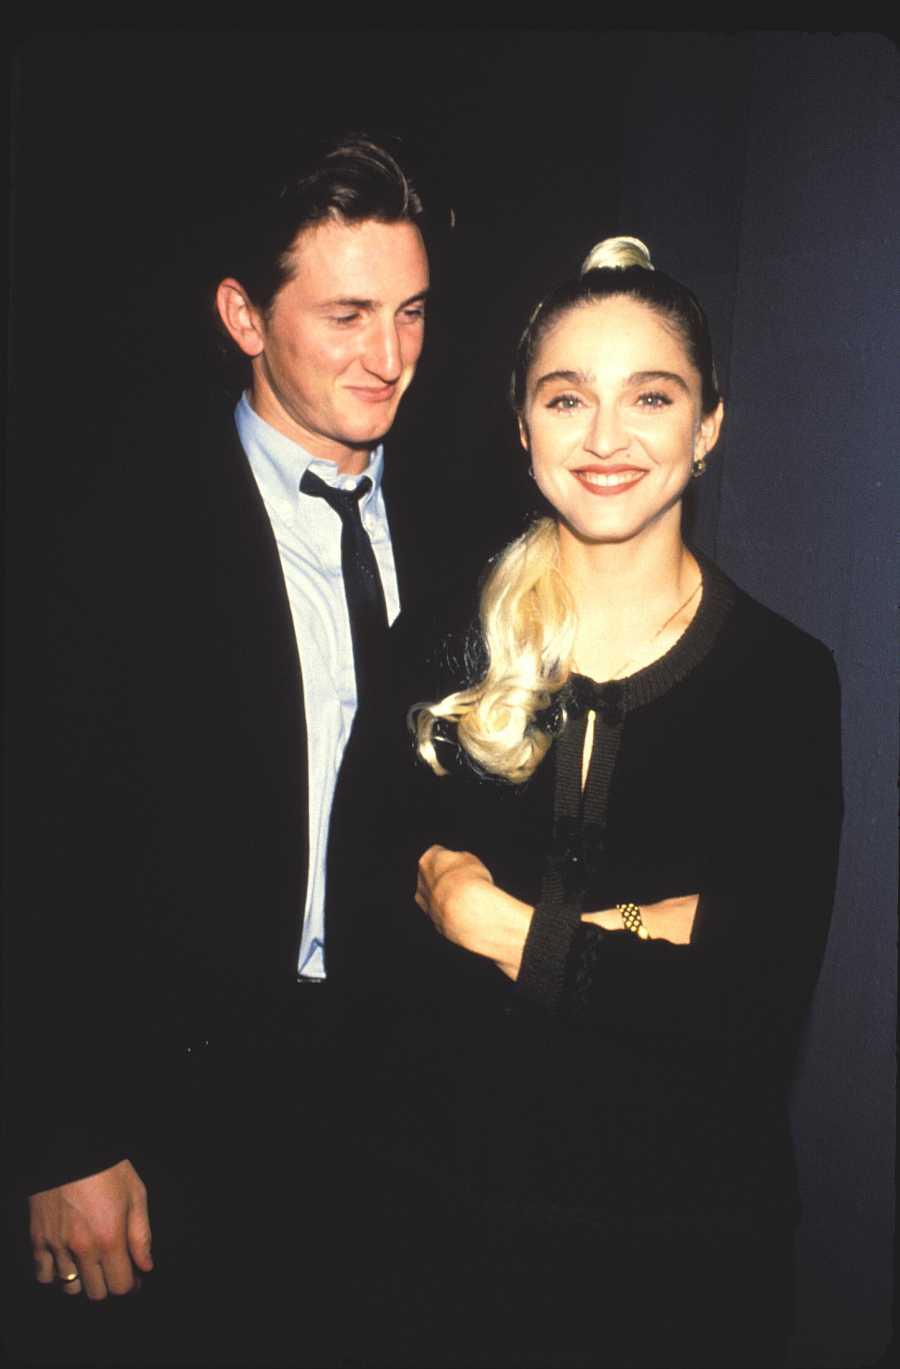 La relación de Madonna y Sean Penn despertó rumores de violencia de género por parte del actor